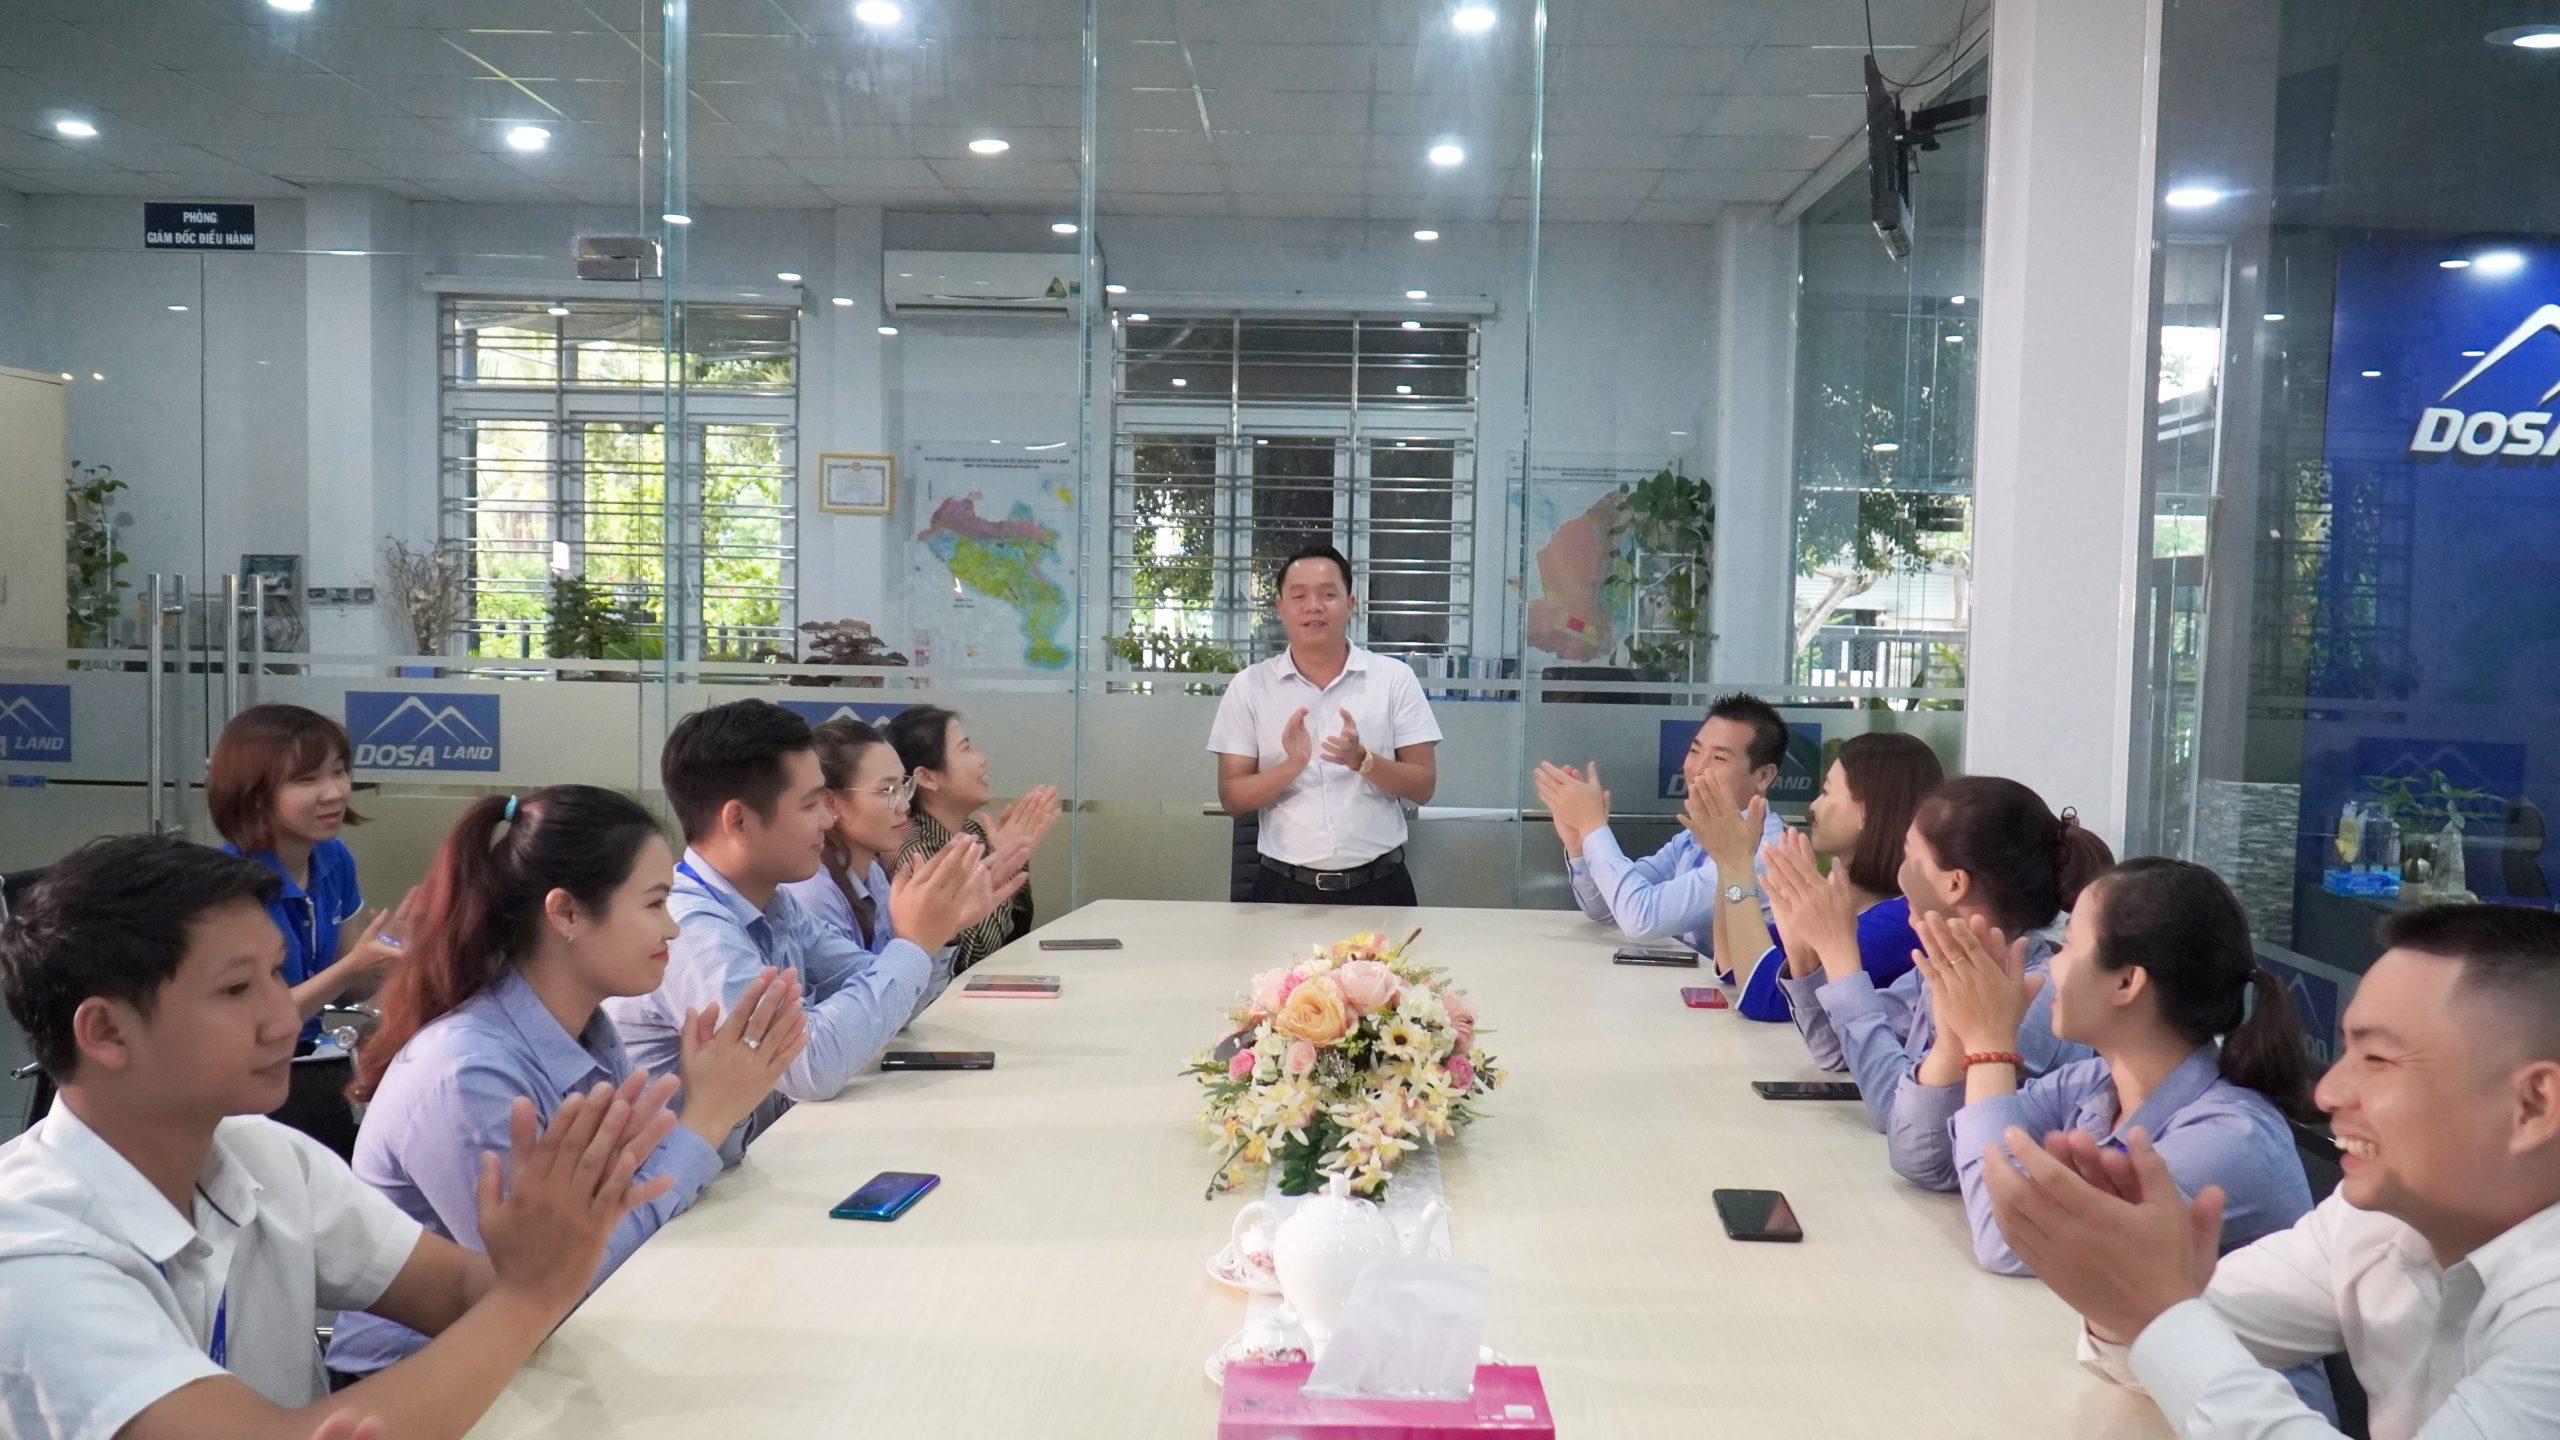 Ô. Nguyễn Văn Sang - Chủ tịch HĐQT DOSA Group tuyên dương